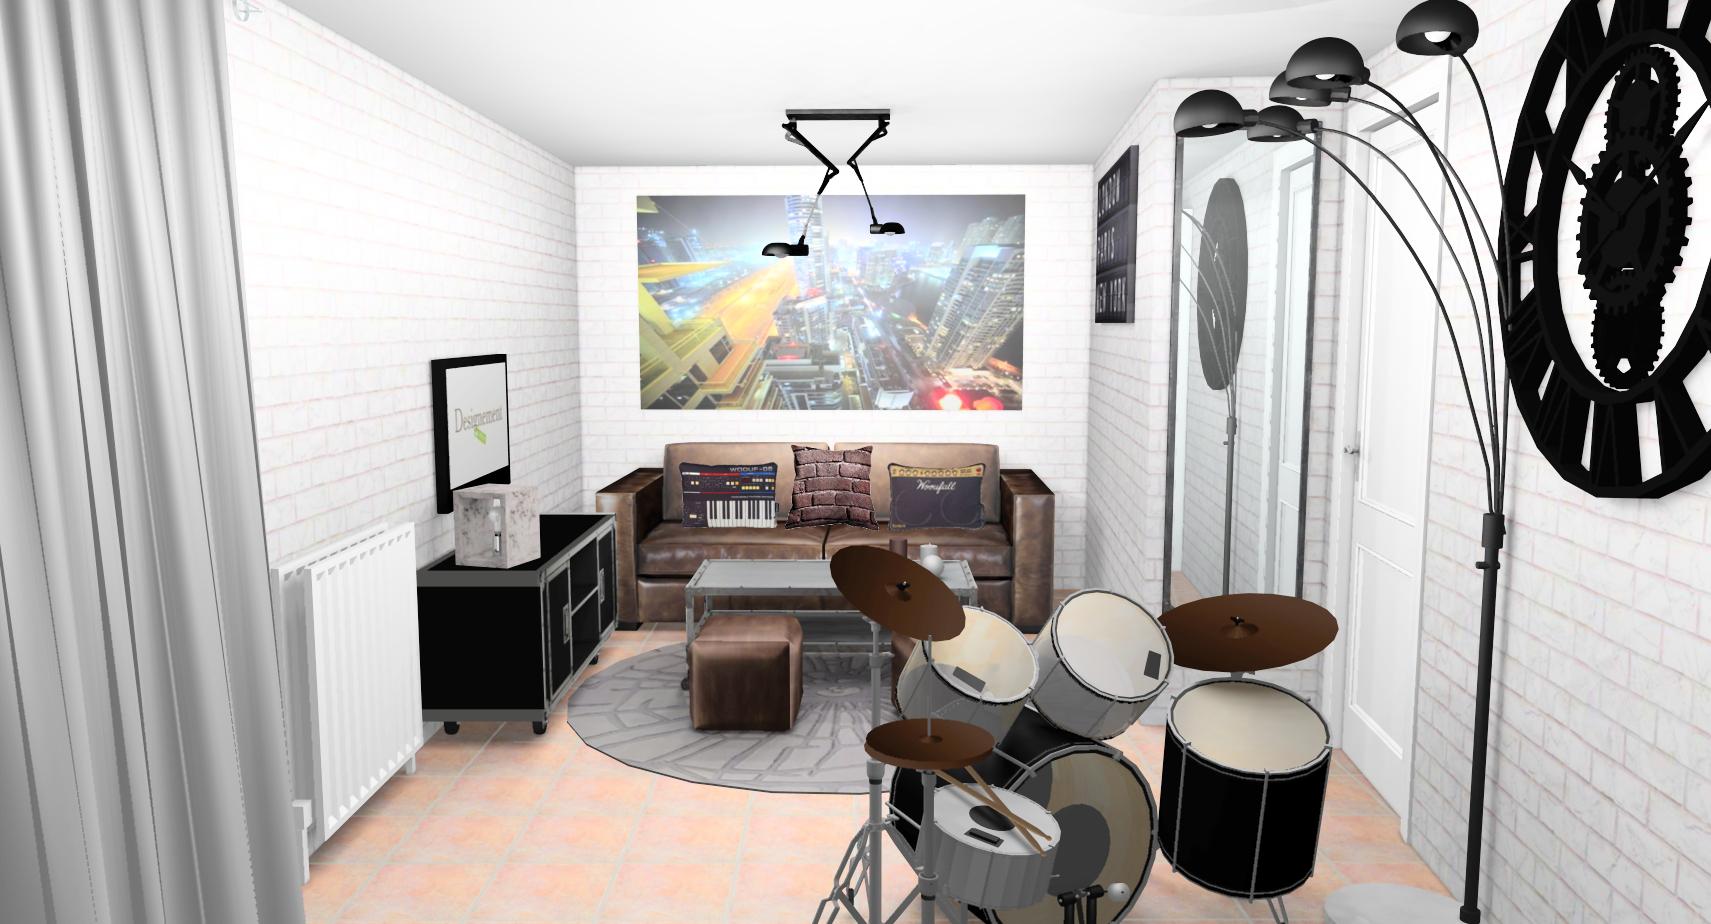 Chambre Ado Avec Papier Peint Brique chambre-ado-garcon-industriel-vintage-new-york-papier-peint